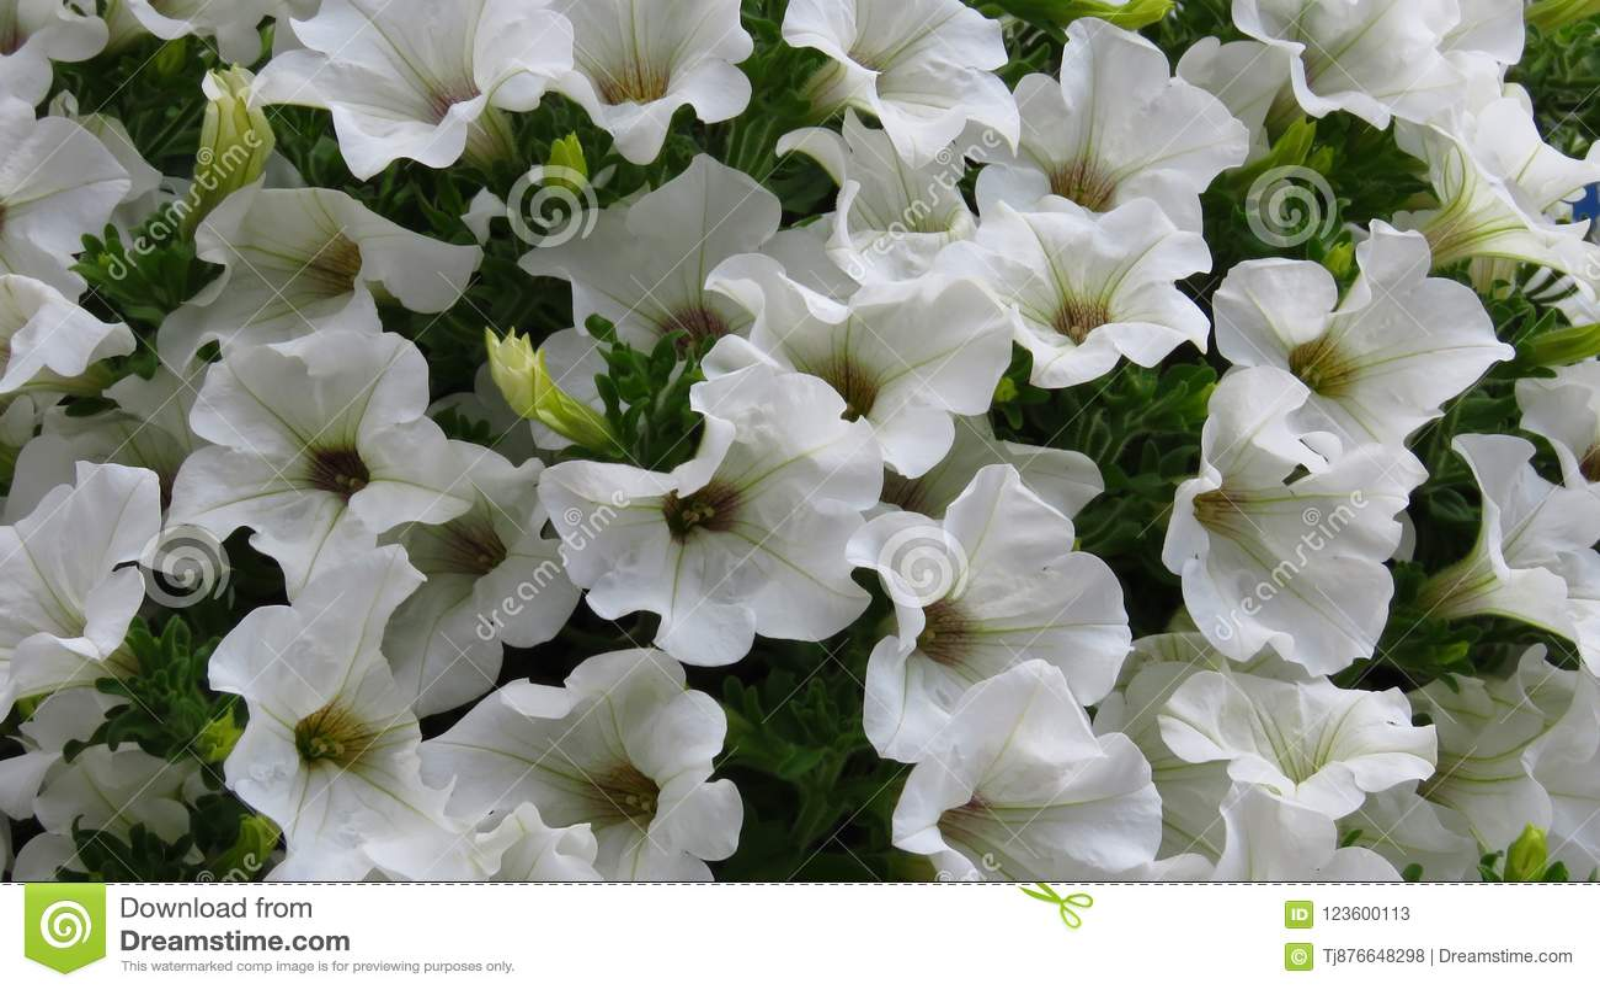 Amazing White Petunia Flower Background Stock Image Image Of